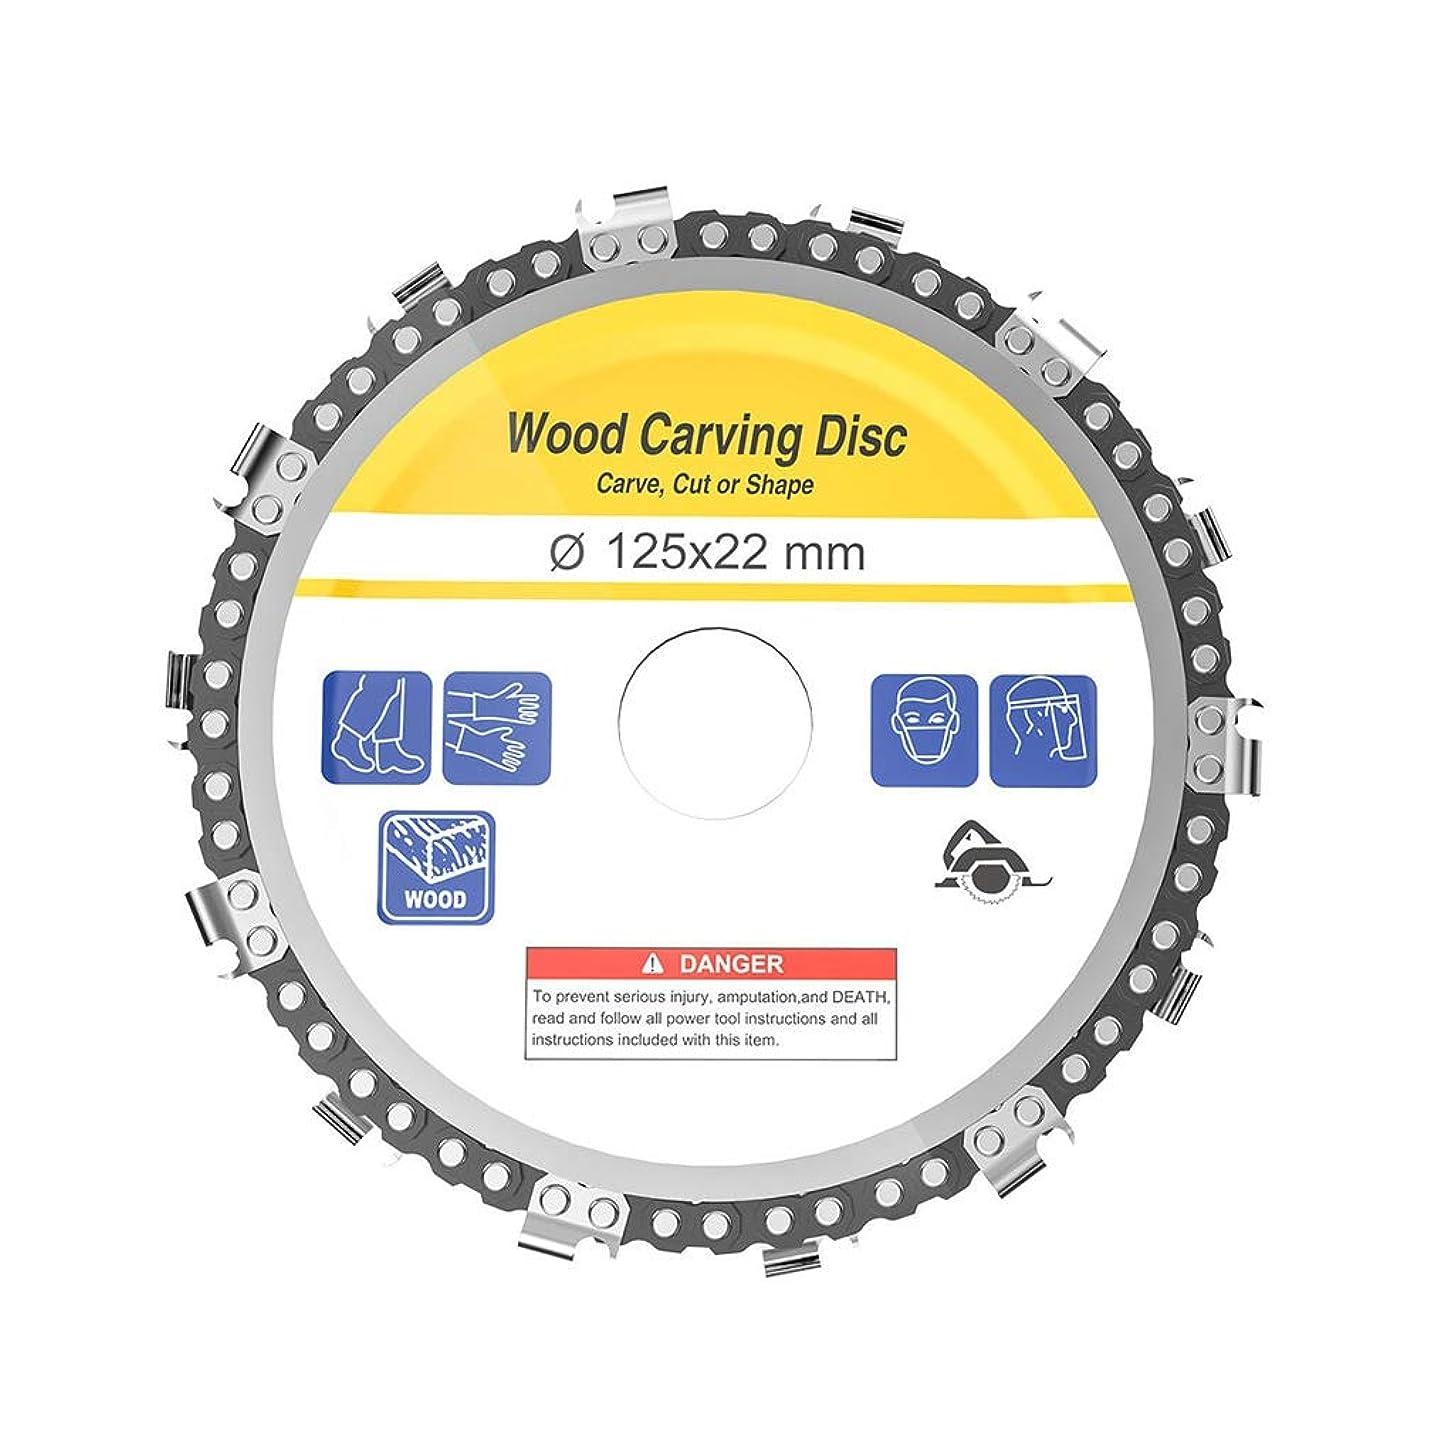 ディスク ロータリー ブレード 22歯切りチェーンセット HSS鋼金属 切削ディスク鋸刃研磨ディスク ルーター工具 (5 inch)